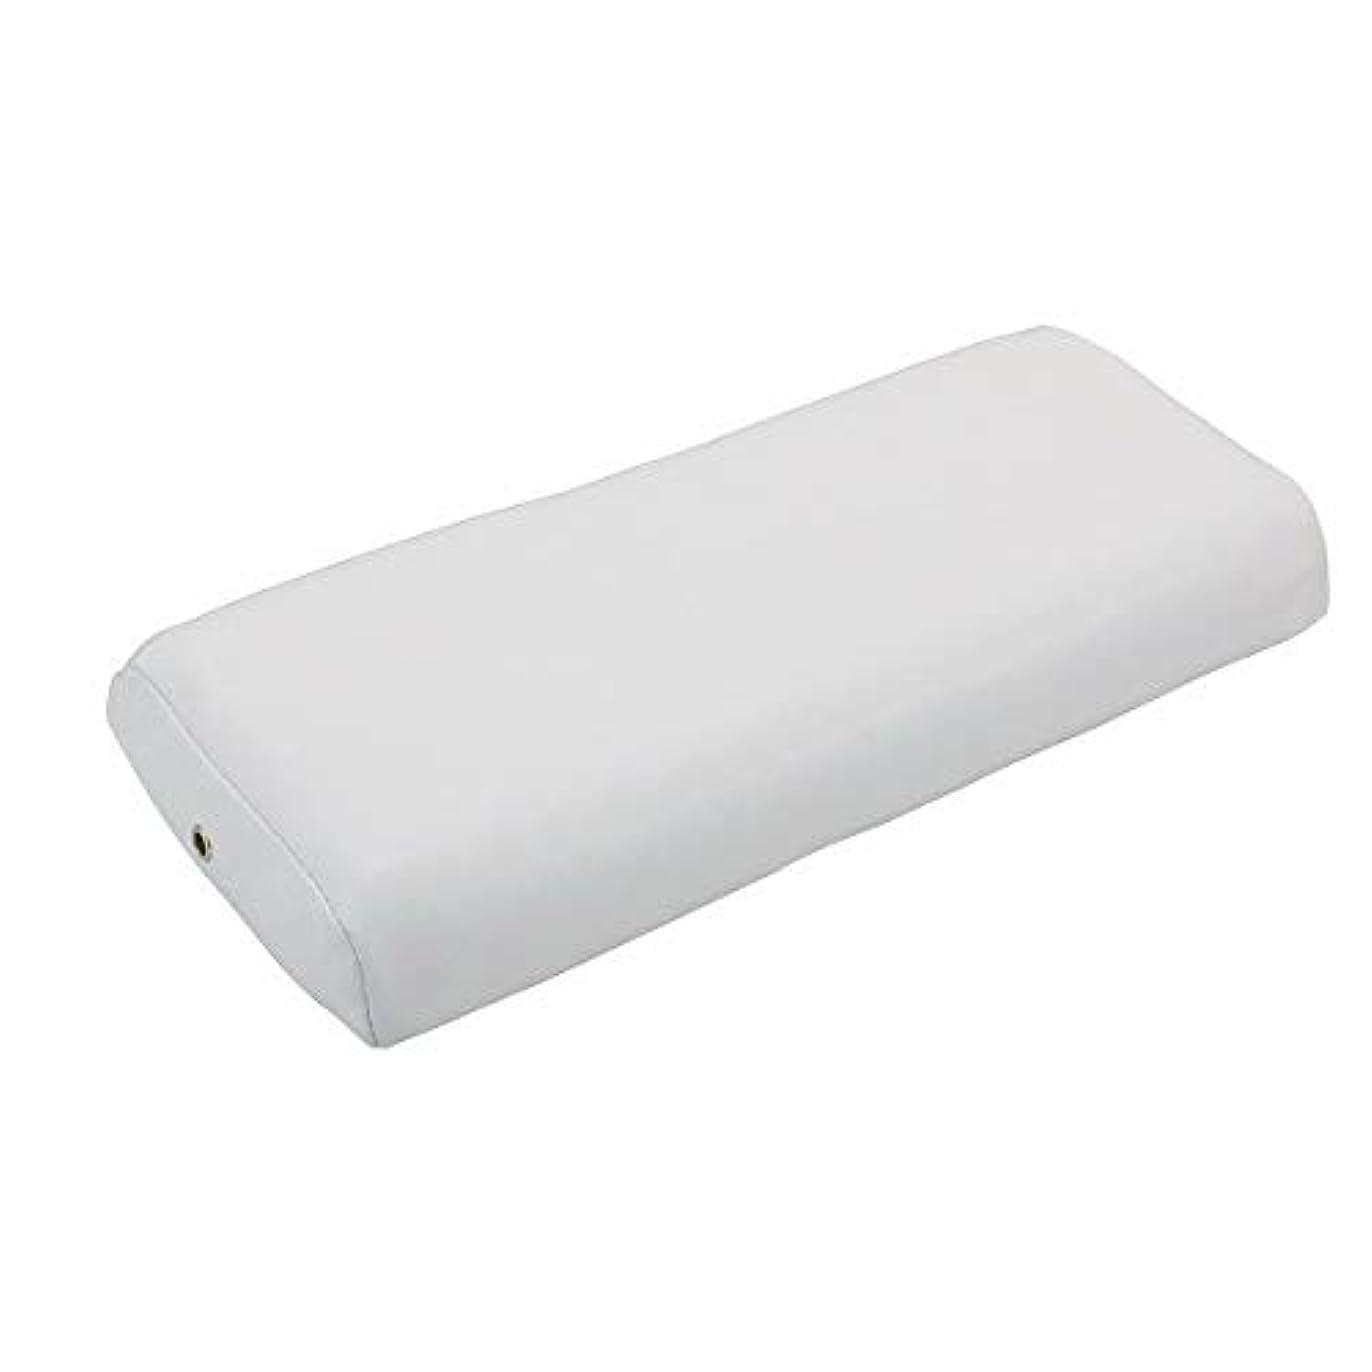 乳剤みぞれ仲介者NEOかどまる枕 FV-921 【 ホワイト 】 フェイスまくら フェイス枕 うつぶせ枕 マッサージ枕